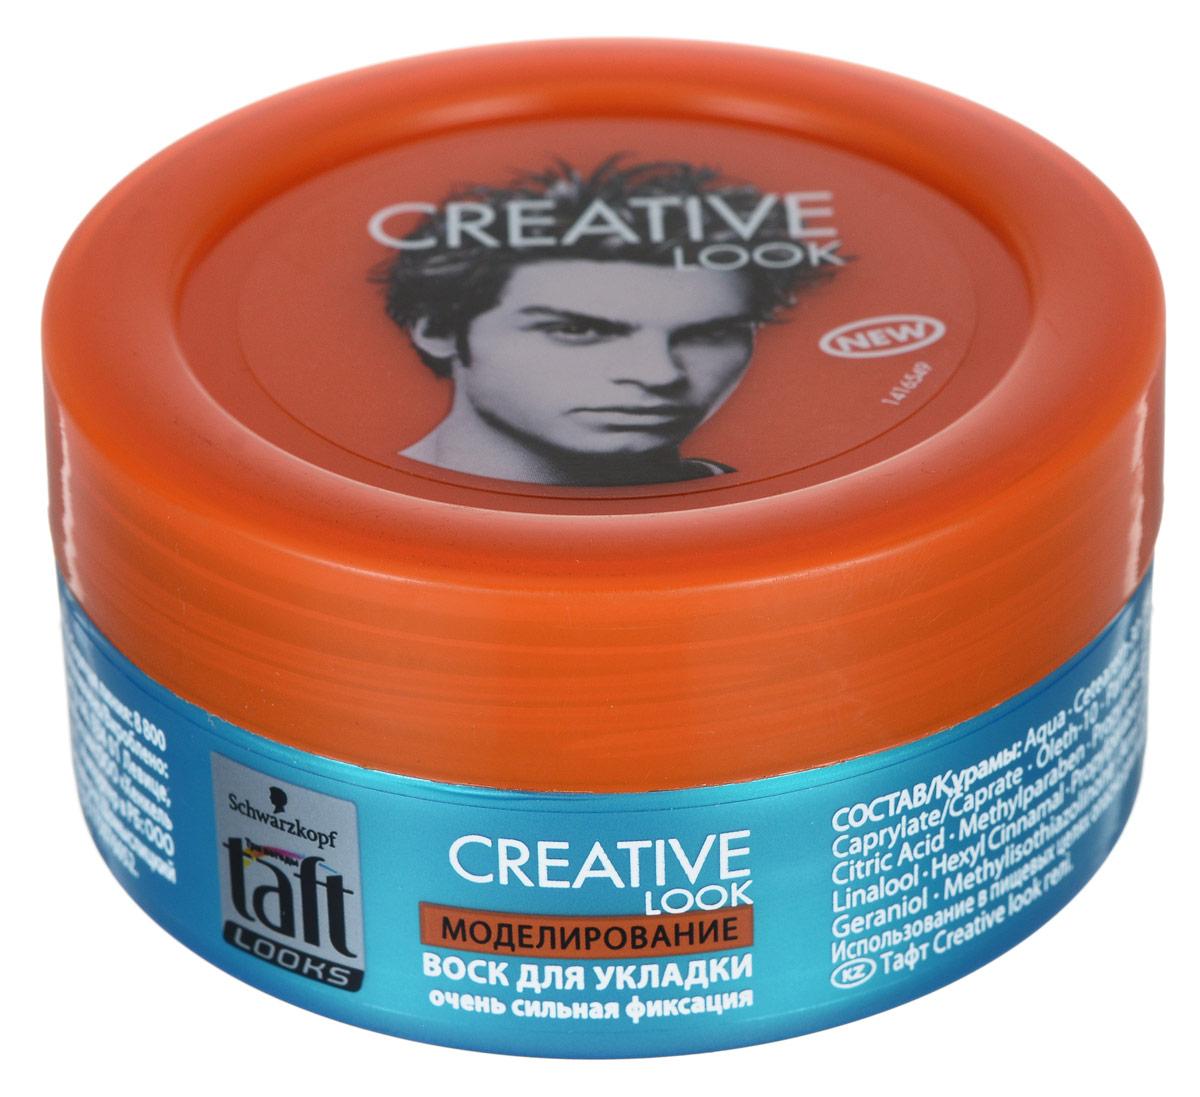 Воск для укладки Taft Creative Look, очень сильная фиксация, 75 мл9063050Воск для укладки Taft Creative Look: Придает прическе искрящийся блеск и сверхсильную фиксацию; Легко распределяется по волосам, легко смывается. Характеристики: Объем: 75 мл. Производитель: Германия. Артикул: 1419709. Товар сертифицирован.